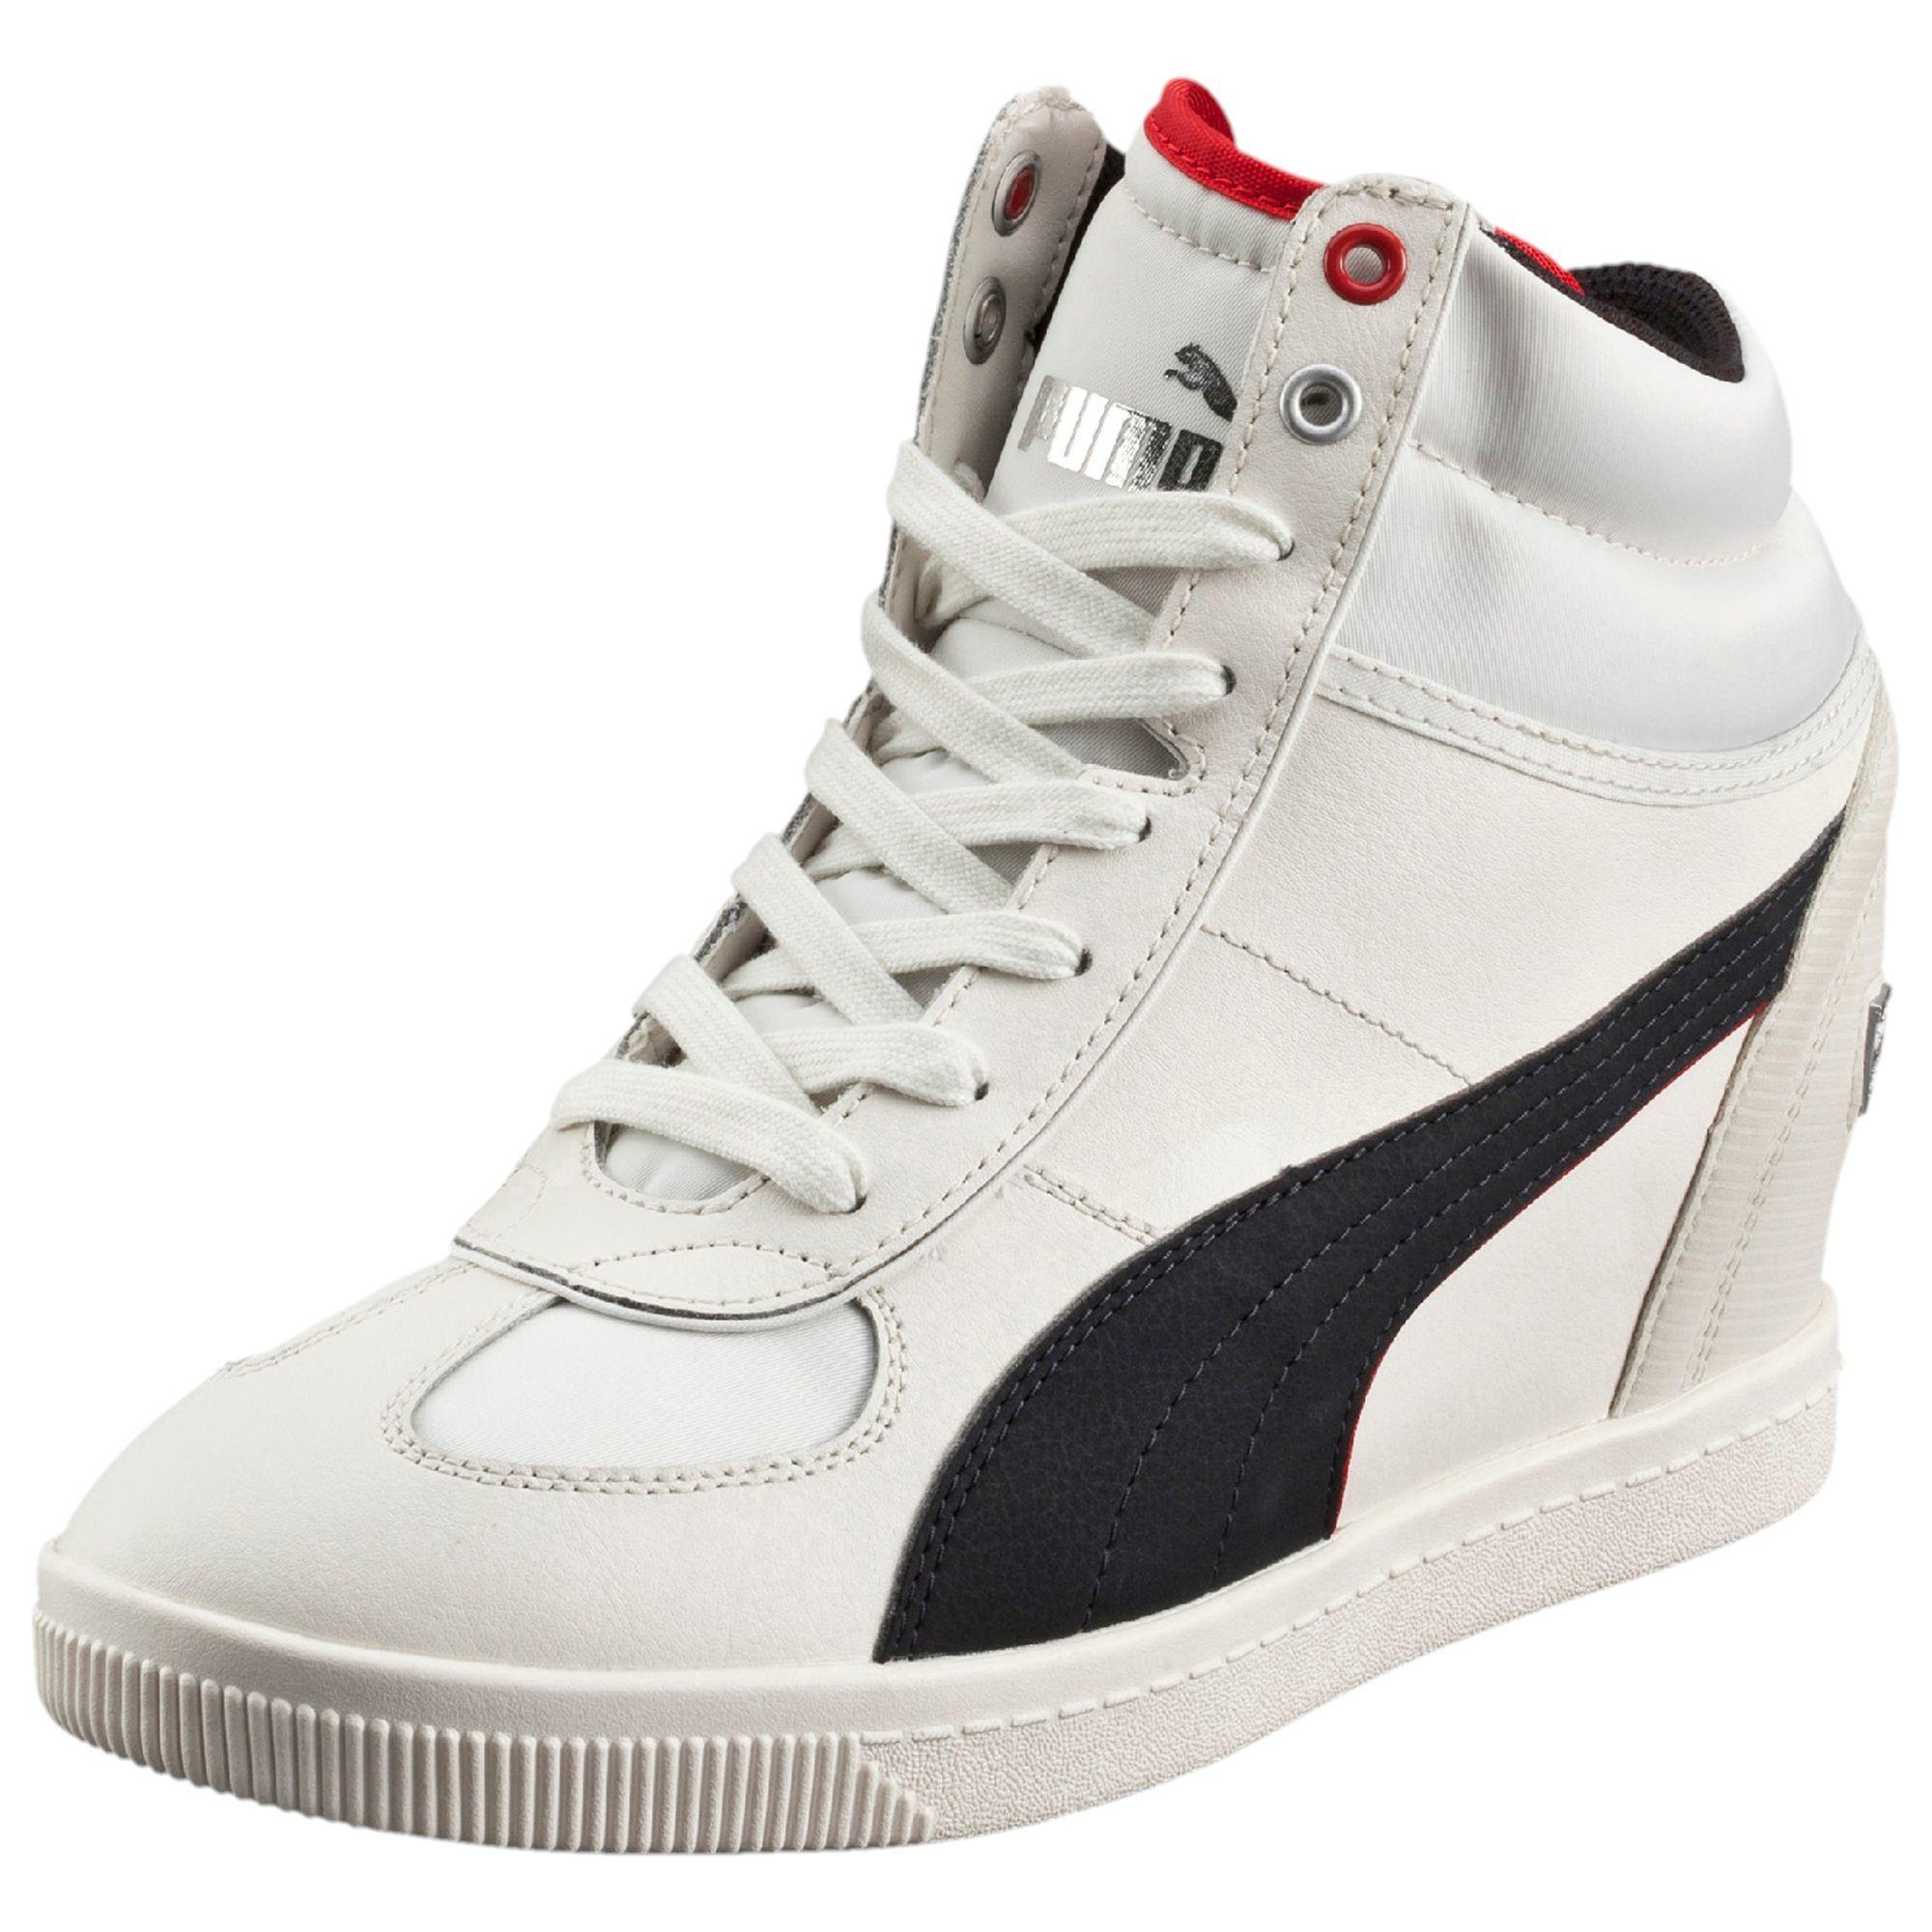 Buty Puma Sf Nm Wedge Koturny 305519 02 Sale 42 6830489605 Oficjalne Archiwum Allegro Womens Wedge Sneakers Wedge Sneakers Womens Wedges